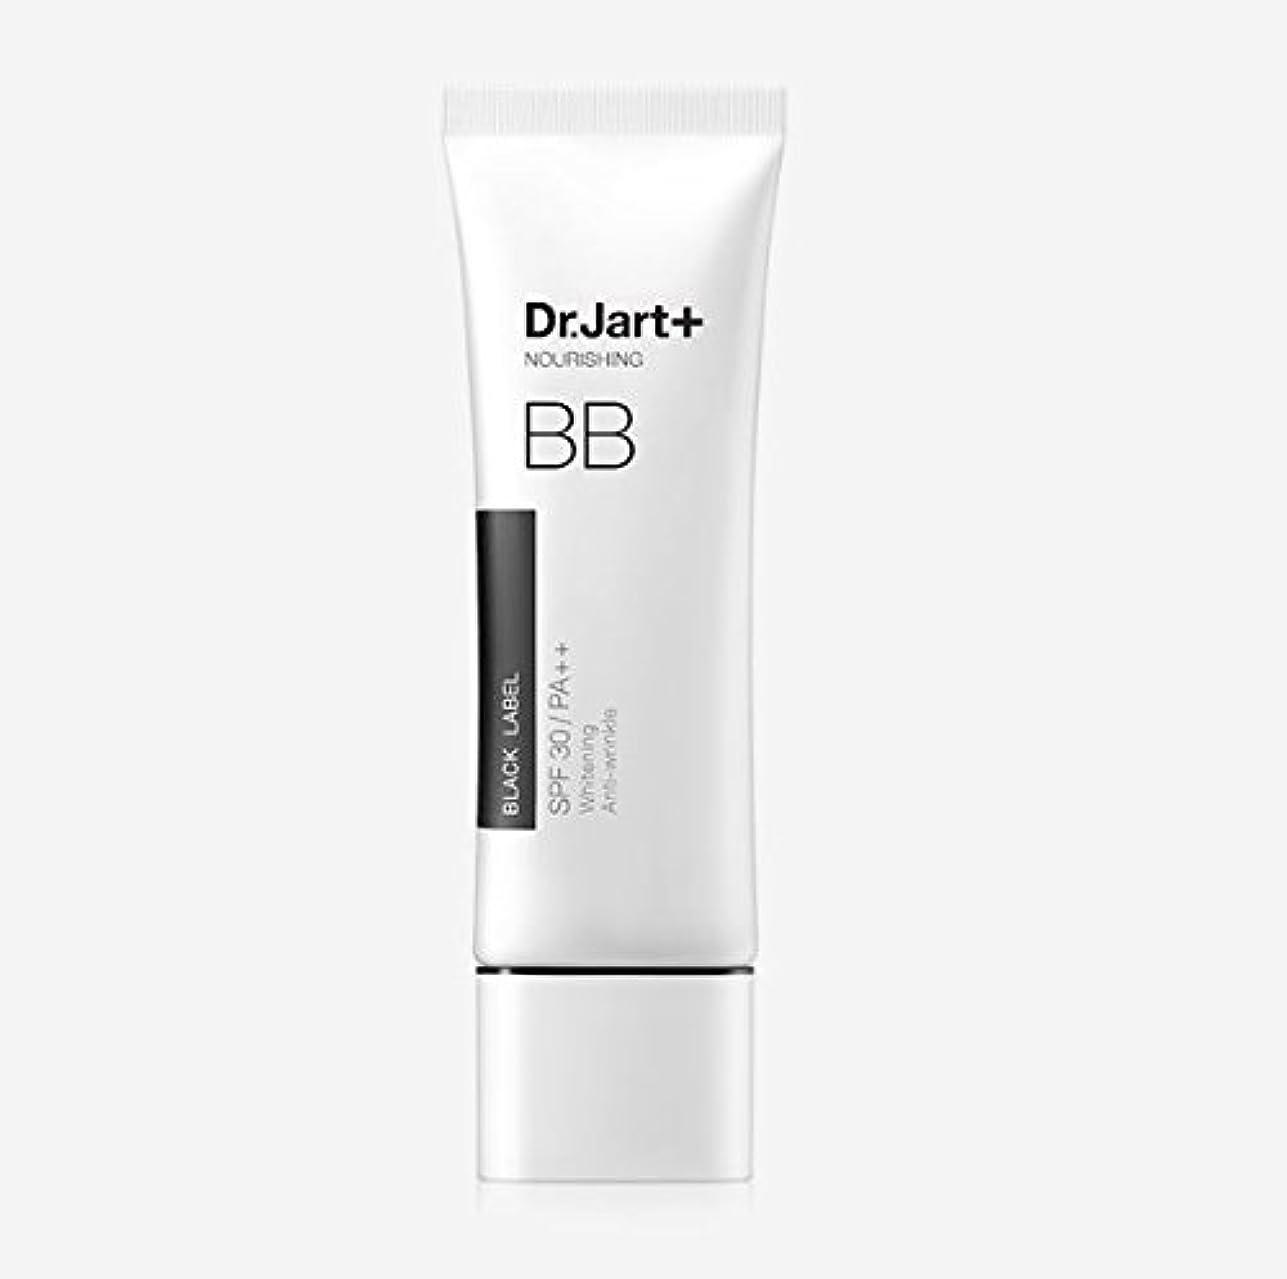 ふりをする最も早い仮定、想定。推測[Dr. Jart] Black Label BB Nourishing Beauty Balm 50ml SPF30 PA++/[ドクタージャルト] ブラックラベル BB ナリーシン ビューティー バーム 50ml SPF30...